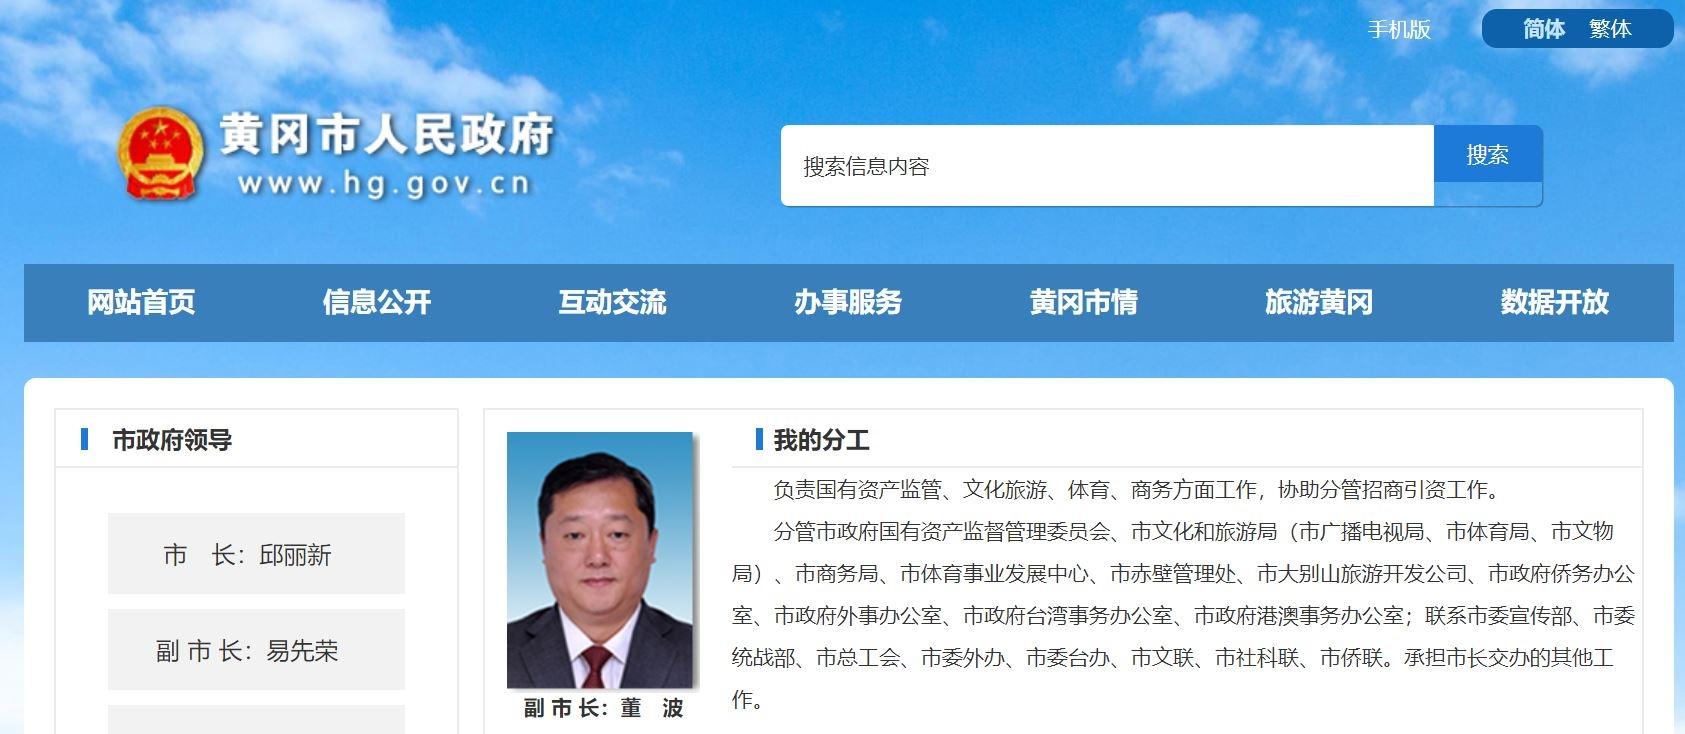 东航营销总监董波挂职担任黄冈市委常委、副市长